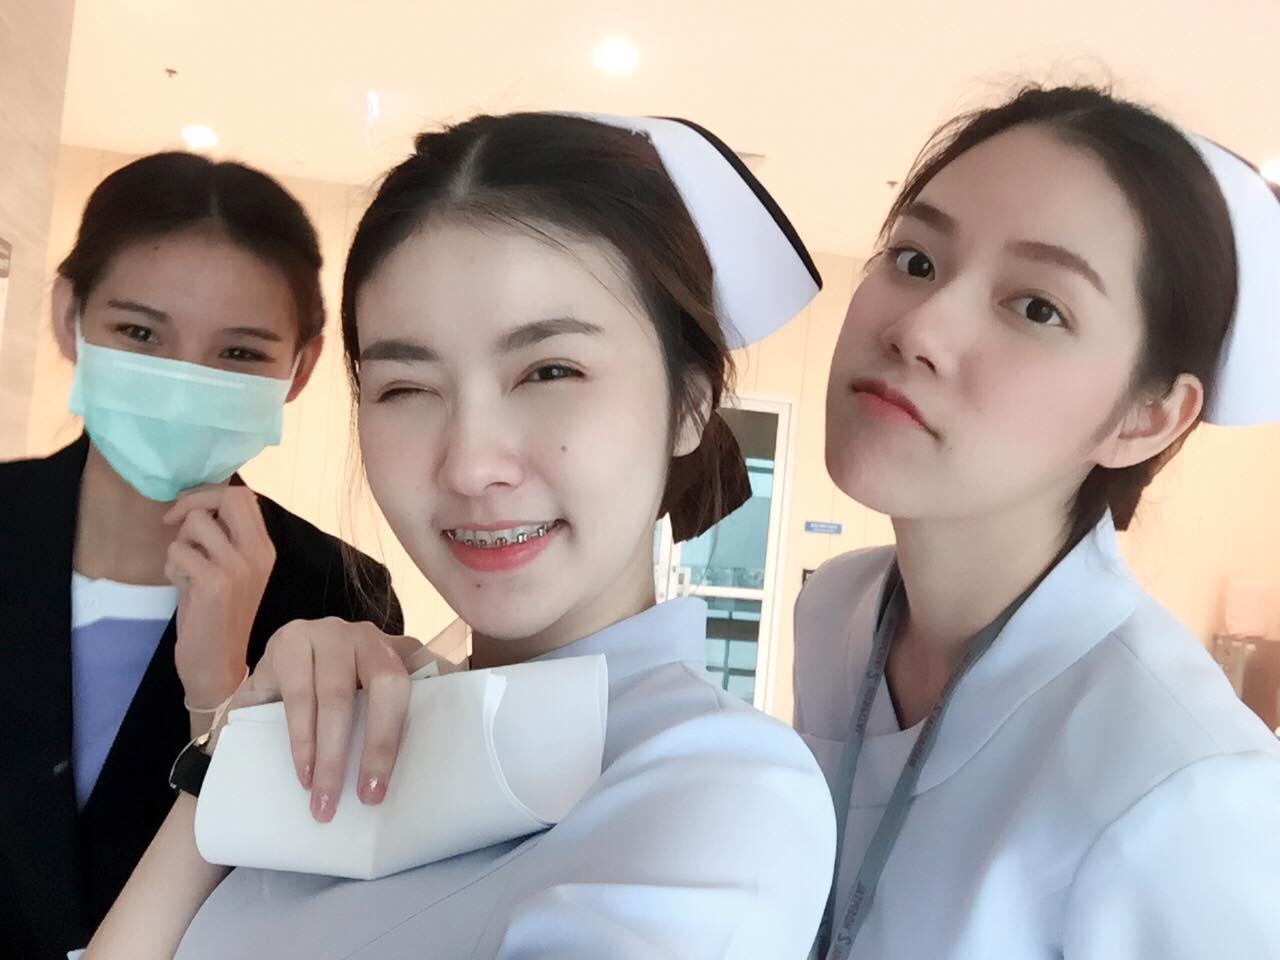 Bức ảnh siêu hot: 3 cô y tá đã xinh lại còn làm cùng viện với nhau! - Ảnh 3.